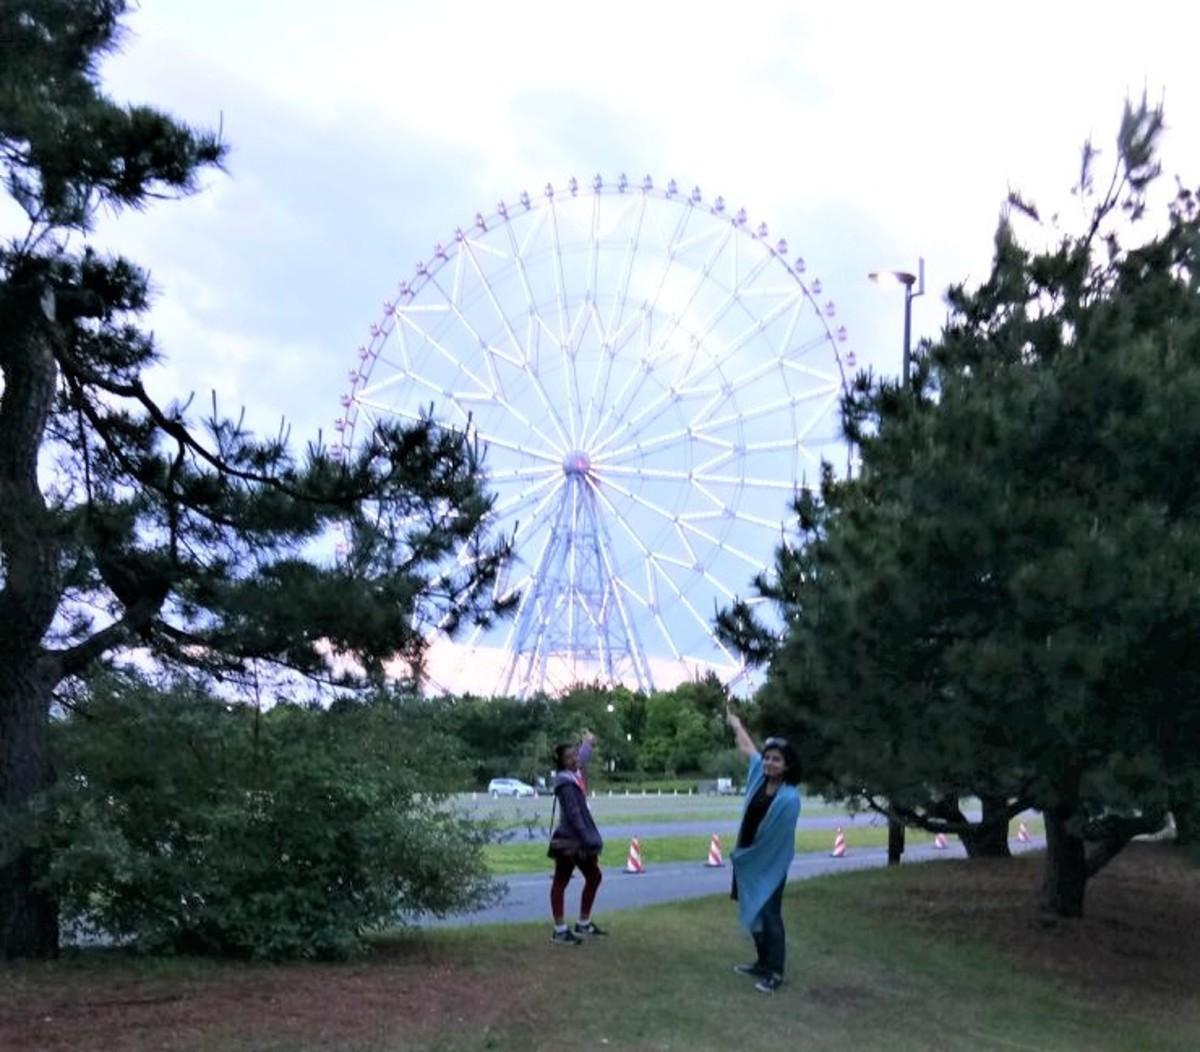 Asia's largest Ferris wheel!